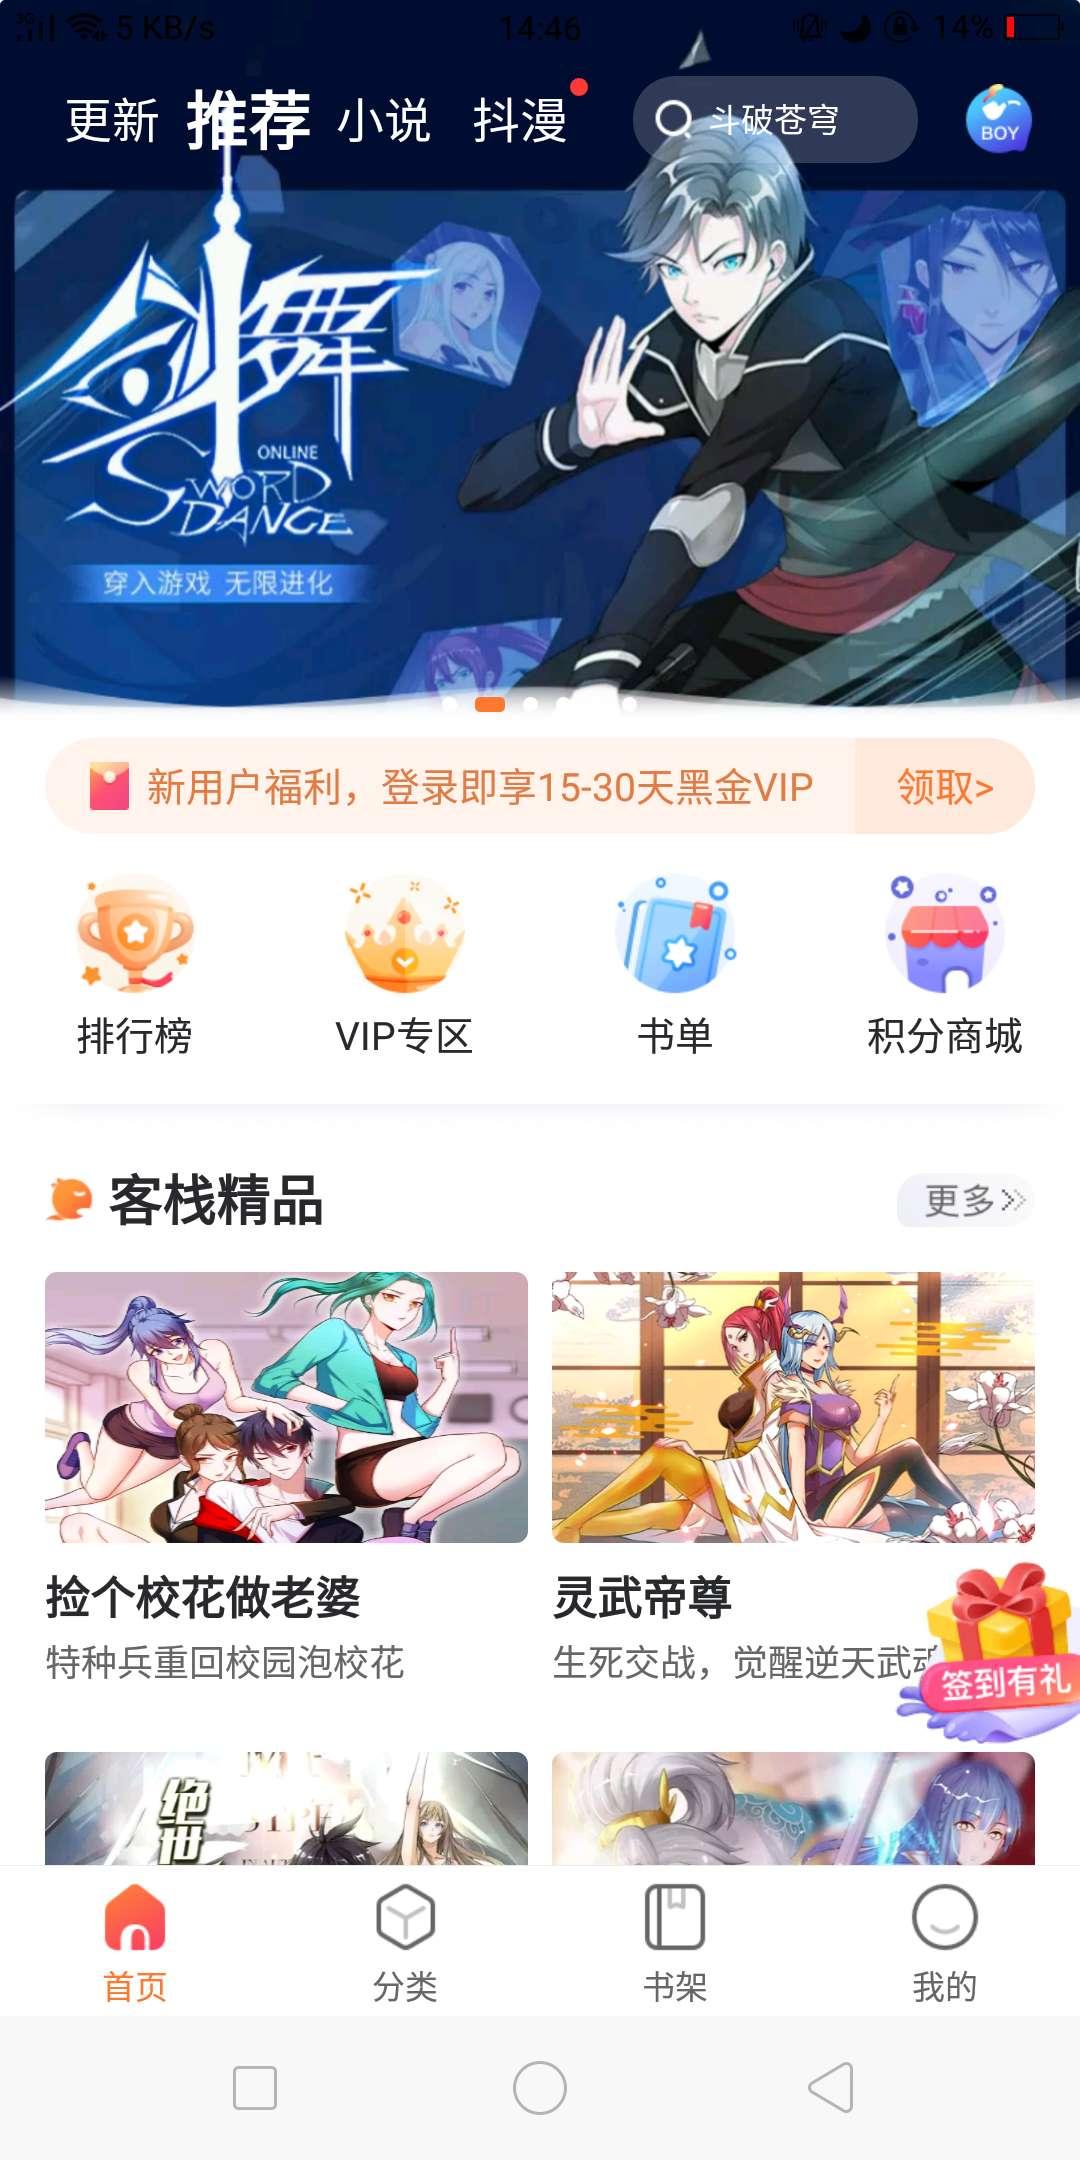 【分享】漫客栈(免登录,永久VIP,全部漫画一律白嫖)